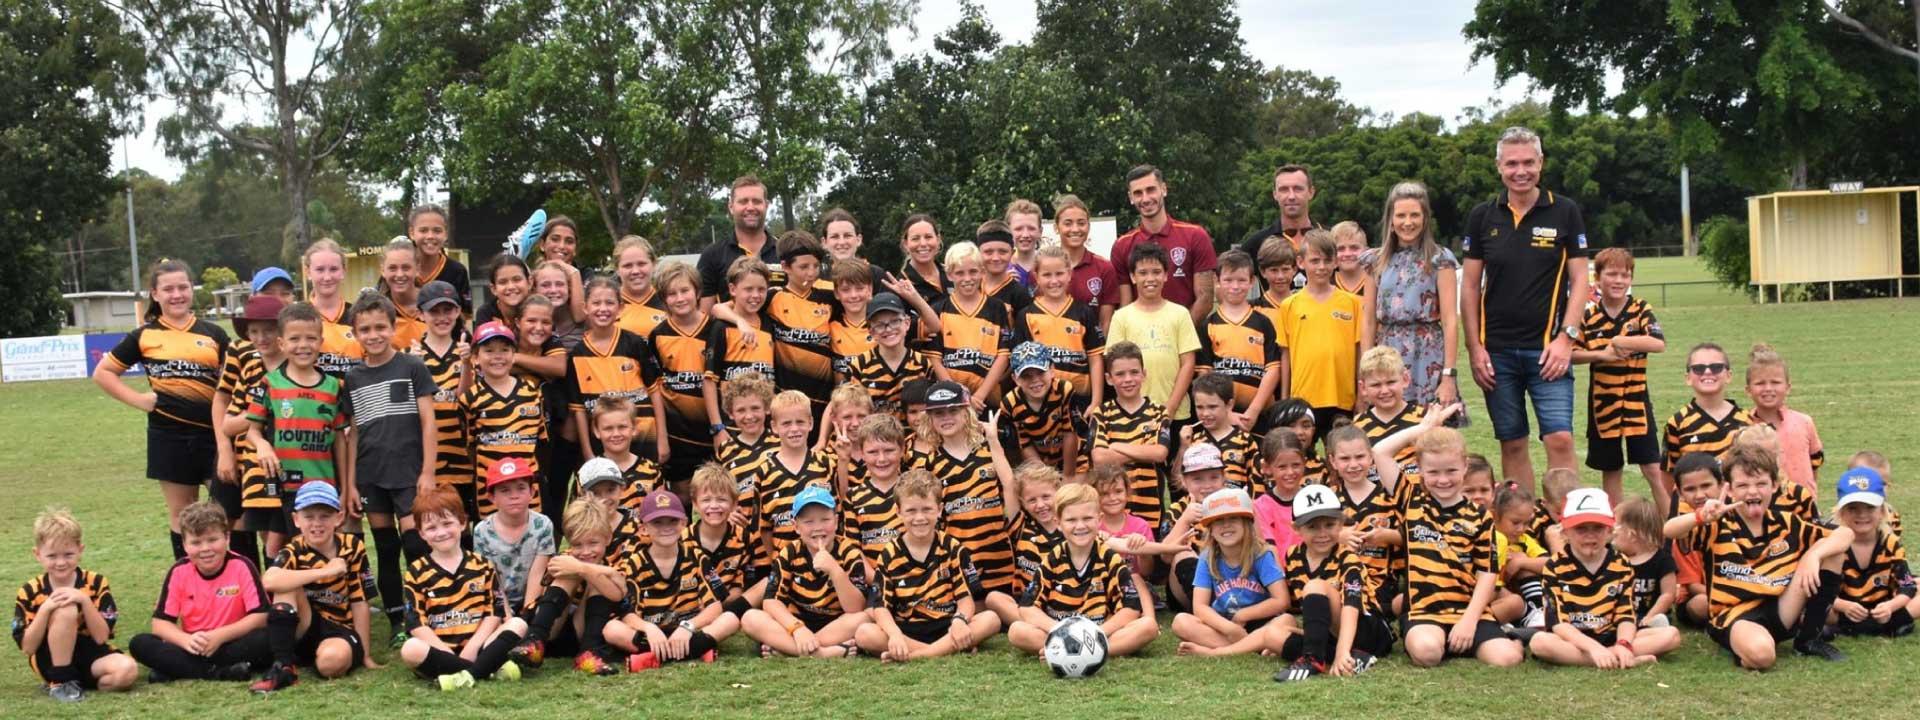 soccer bribie island tigers football club